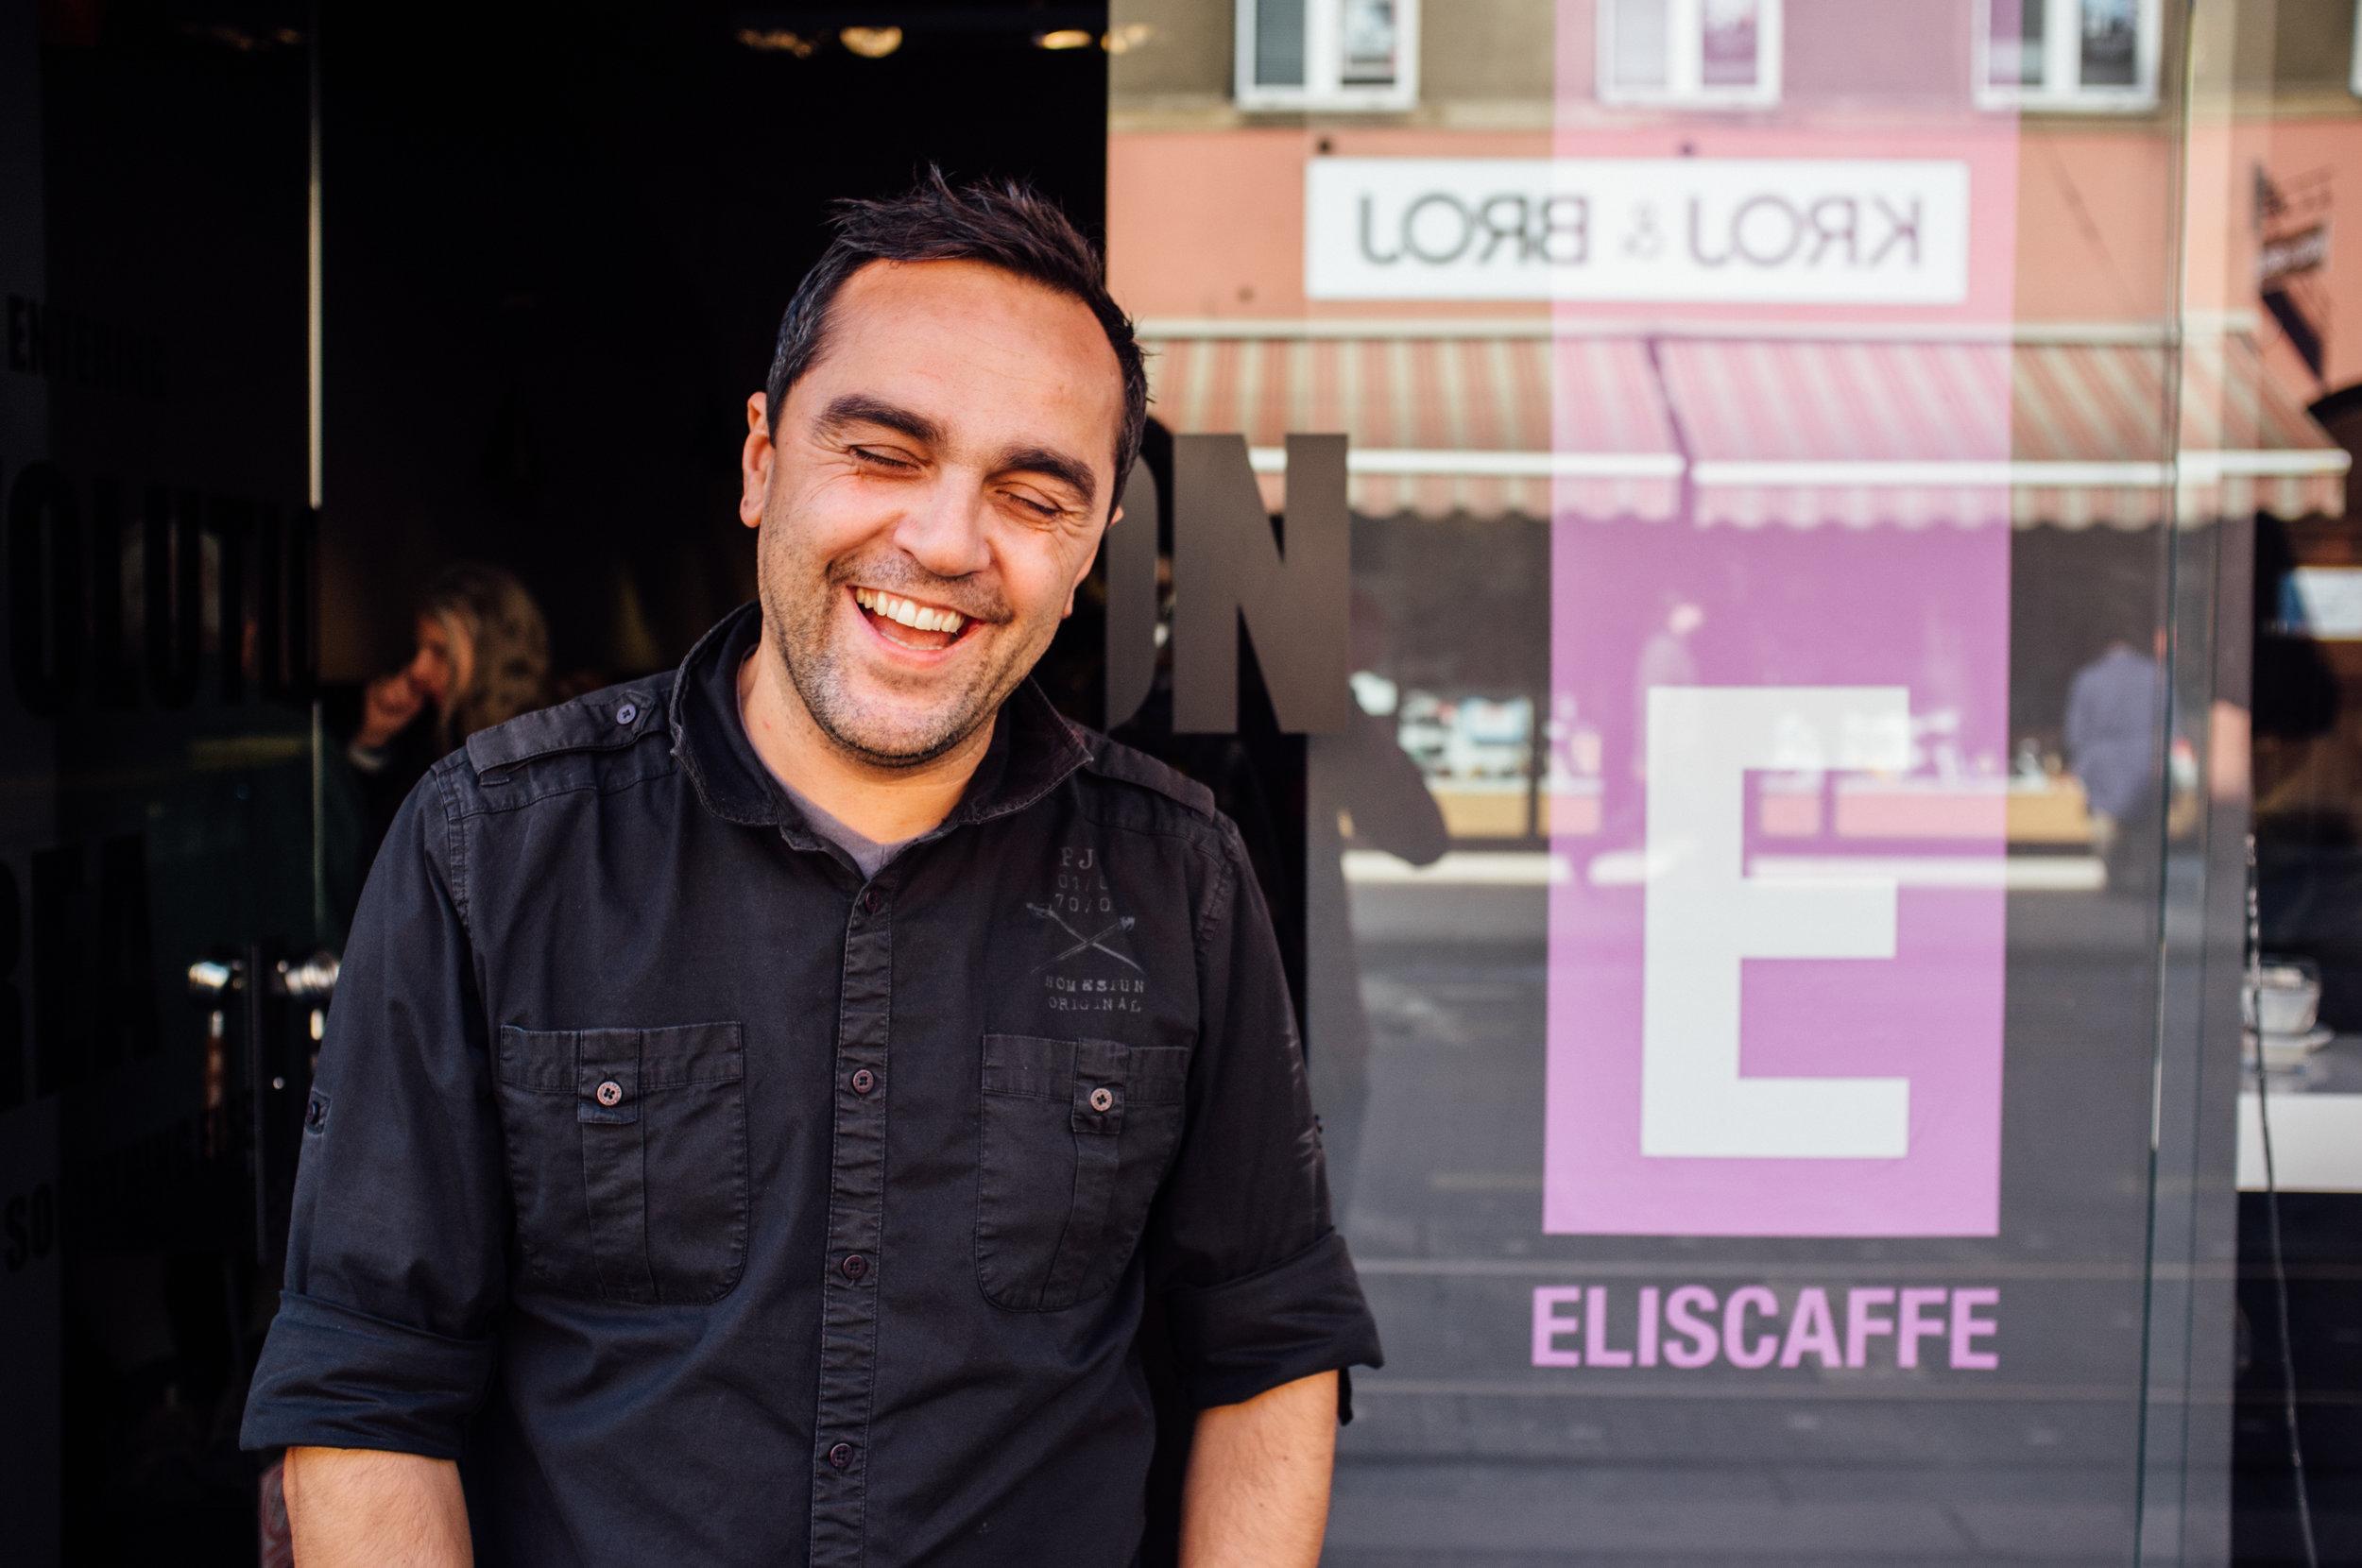 Nik Oroši of Eli's Caffe